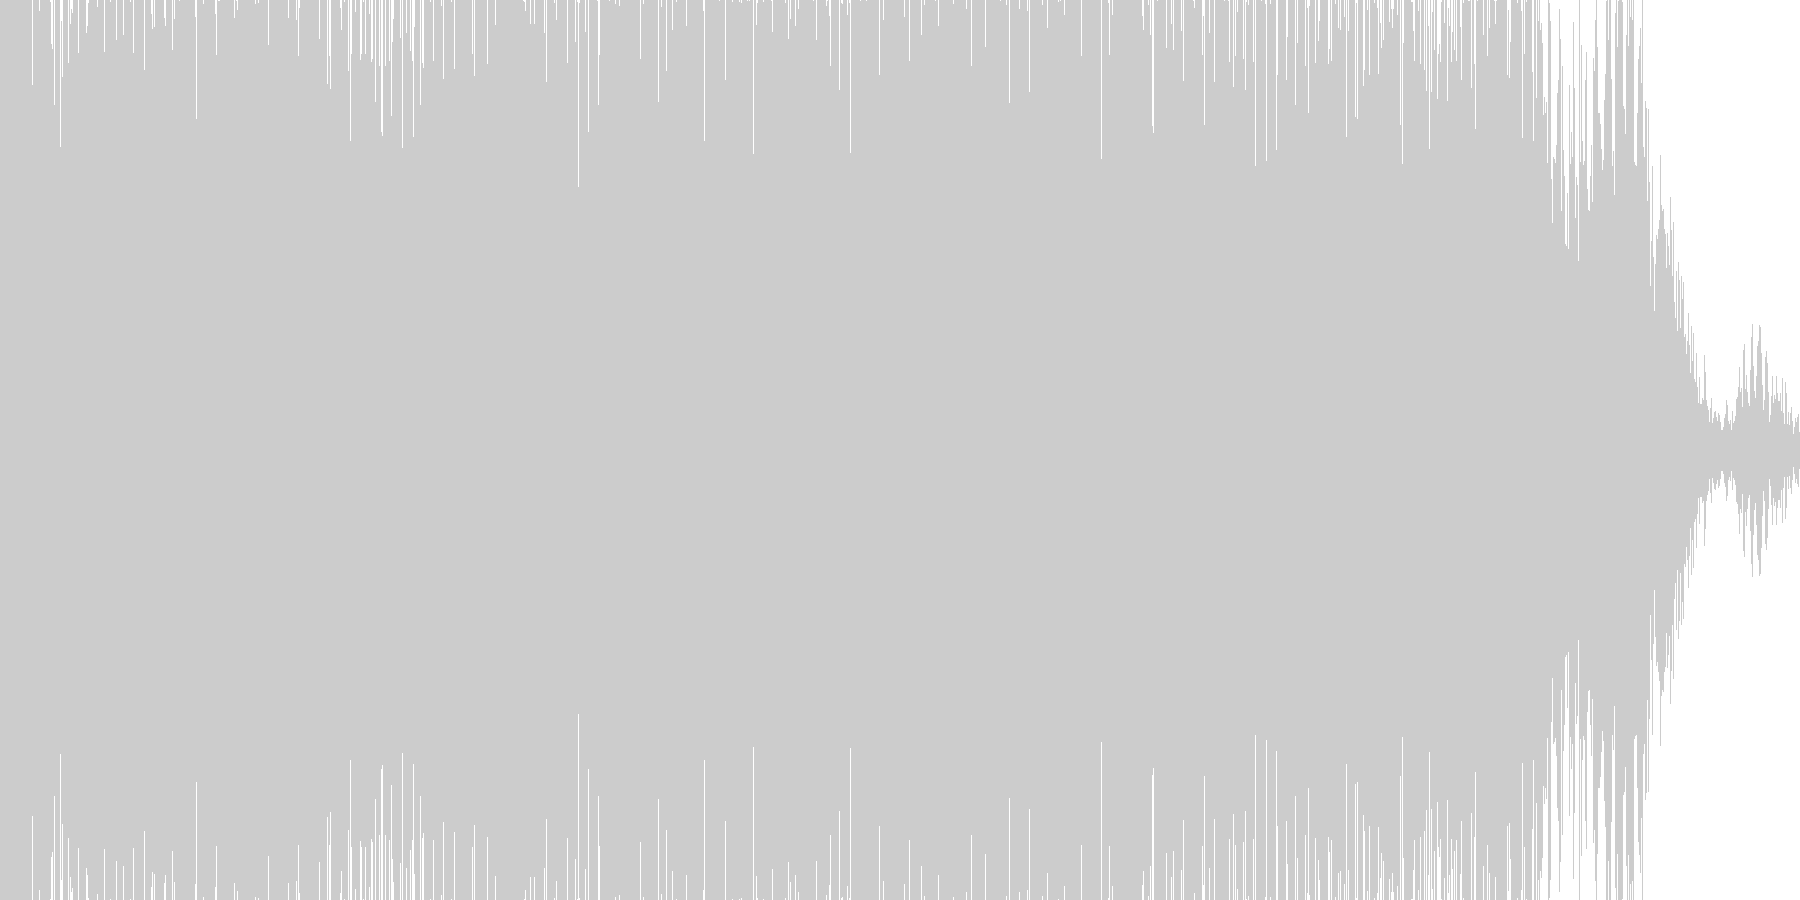 ドドドドド。ドリル・削岩機の音(長め)の未再生の波形